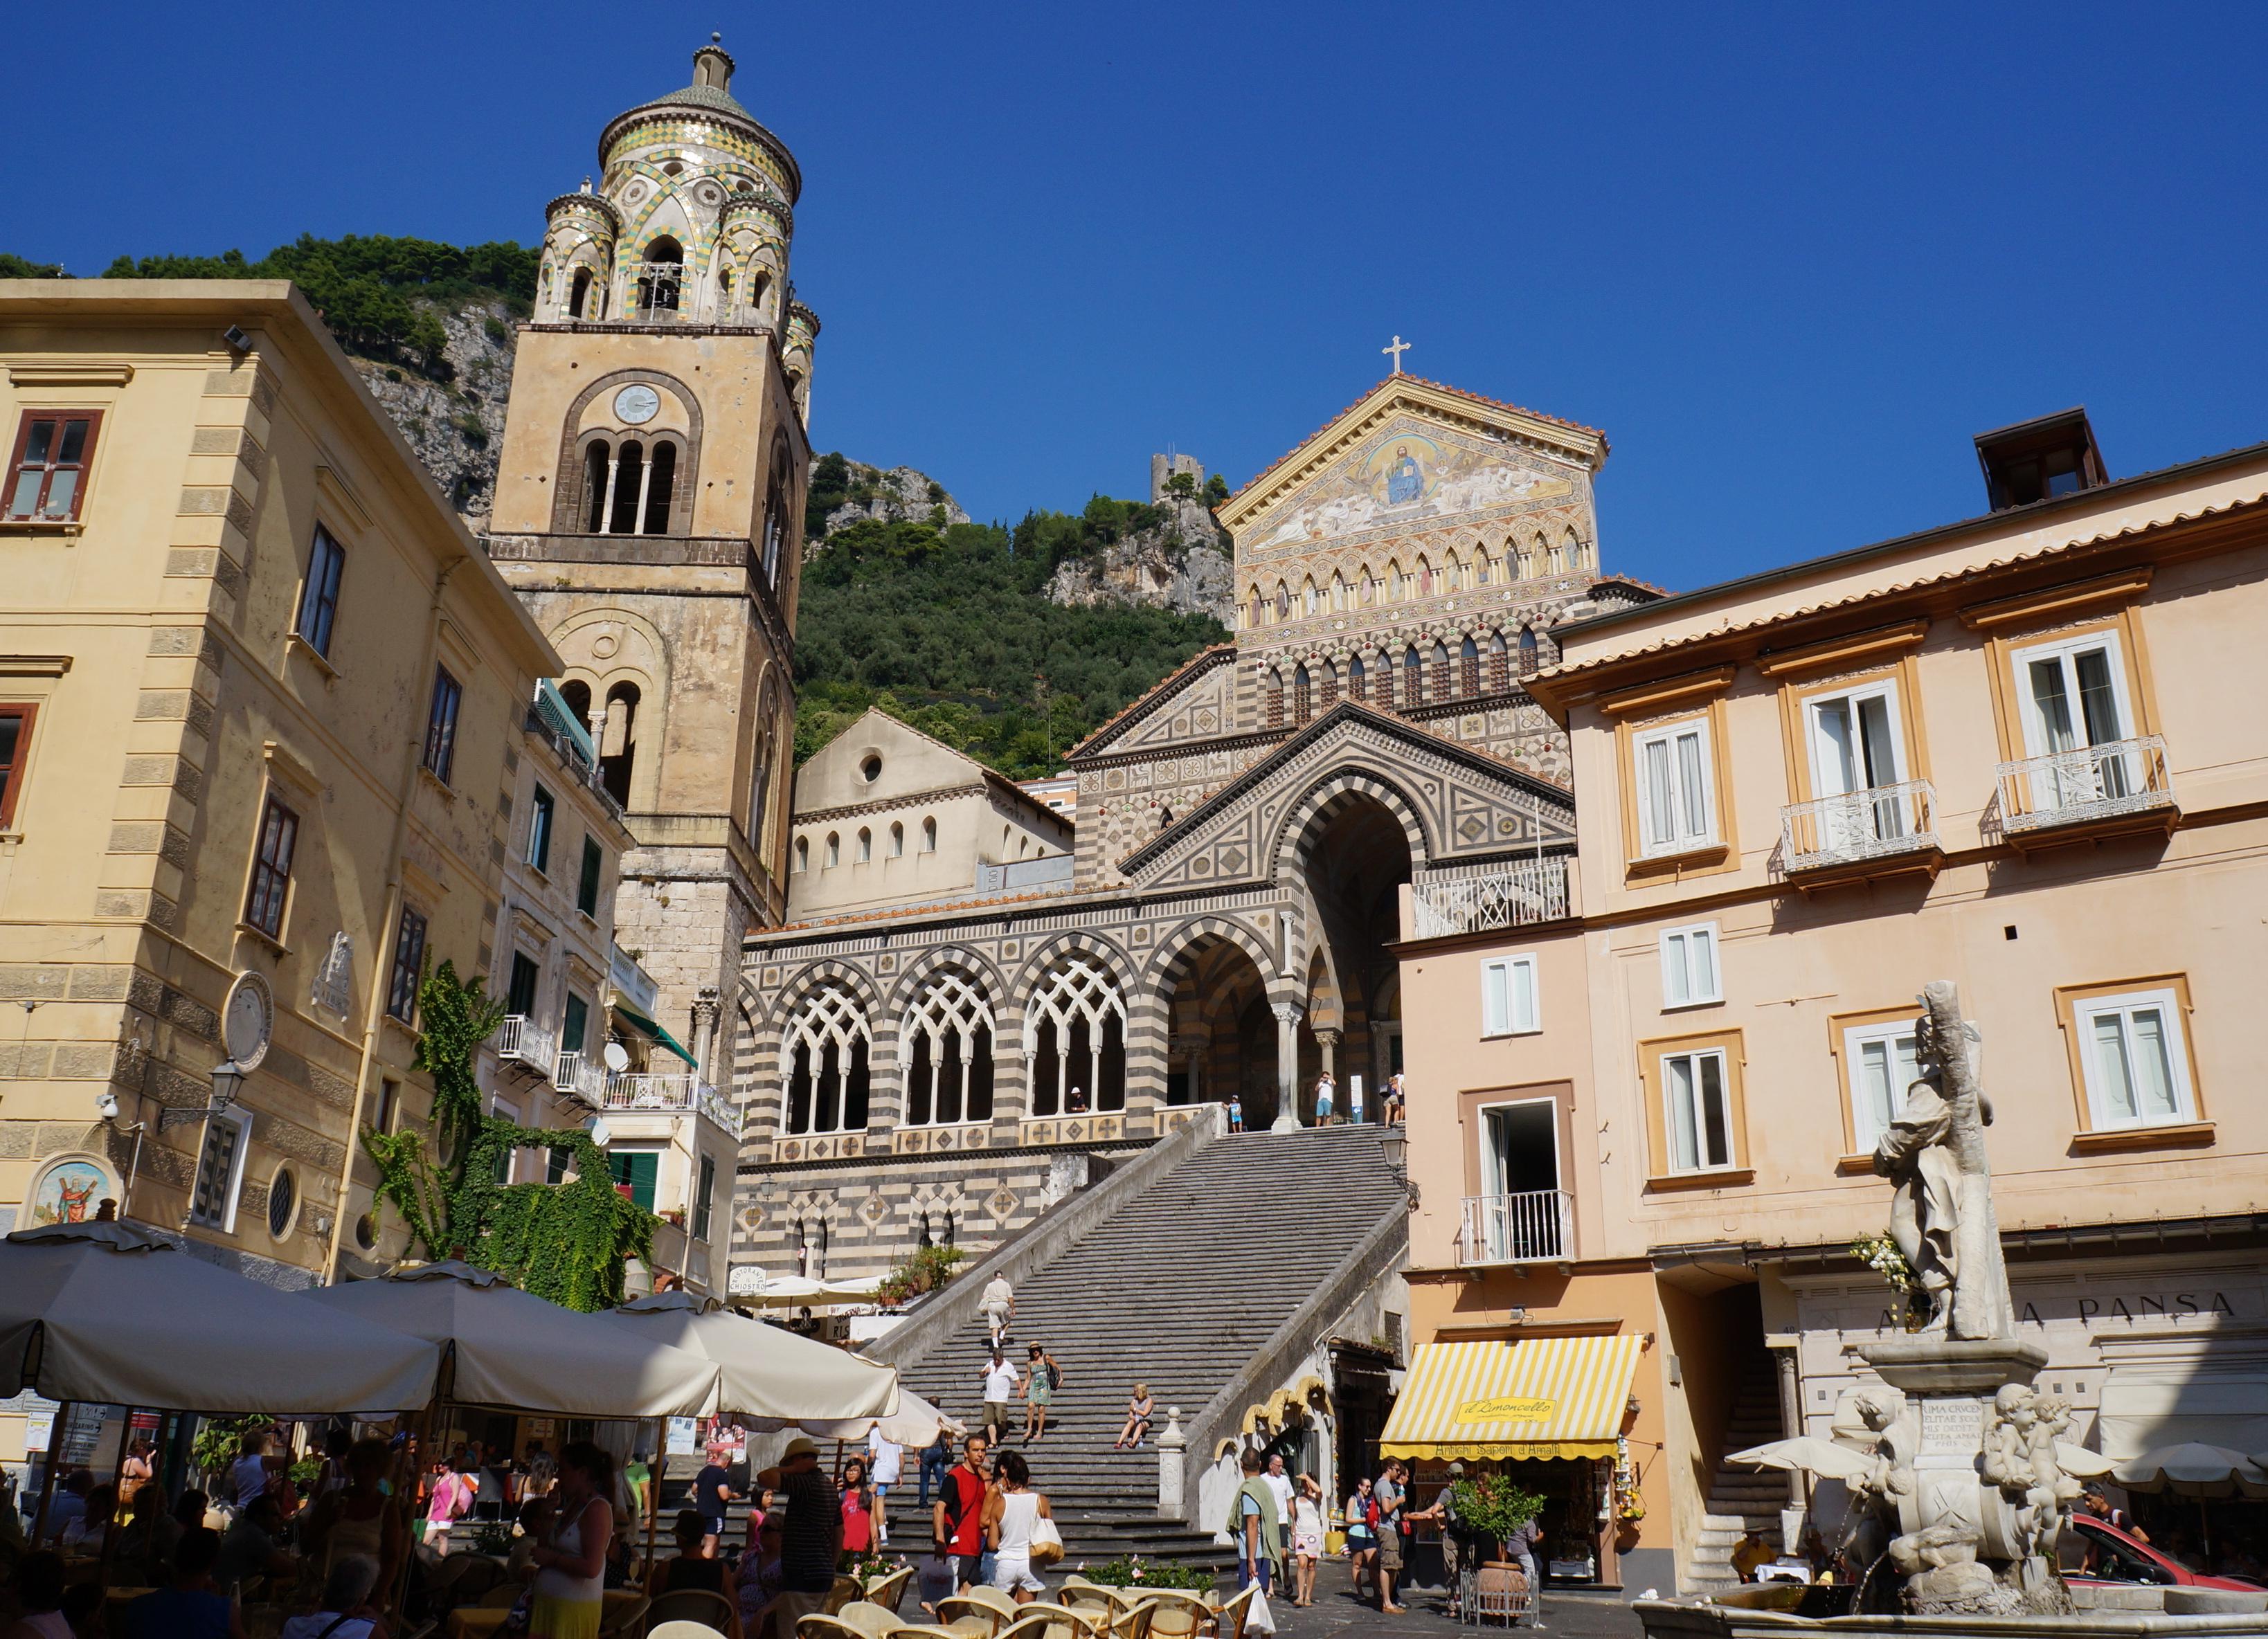 Duomo_di_Amalfi_(9704322386)